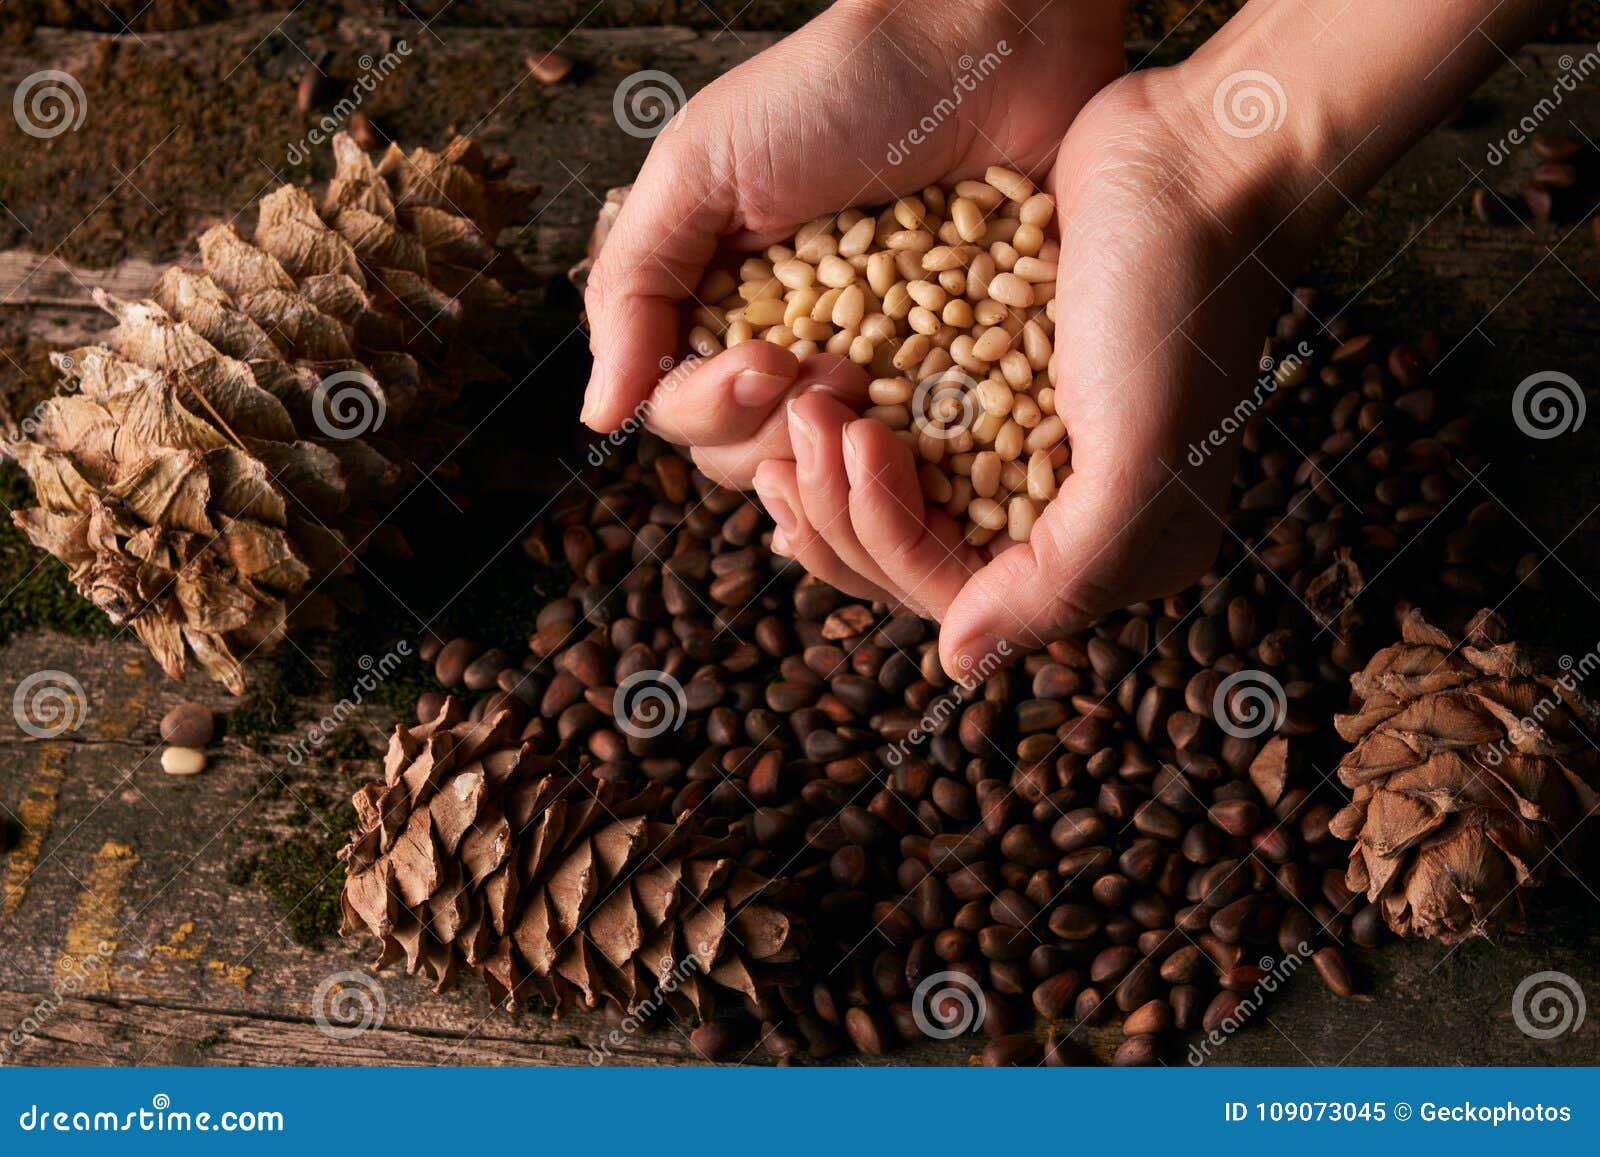 Handvol de pitten van pijnboomnoten en cederdenneappels